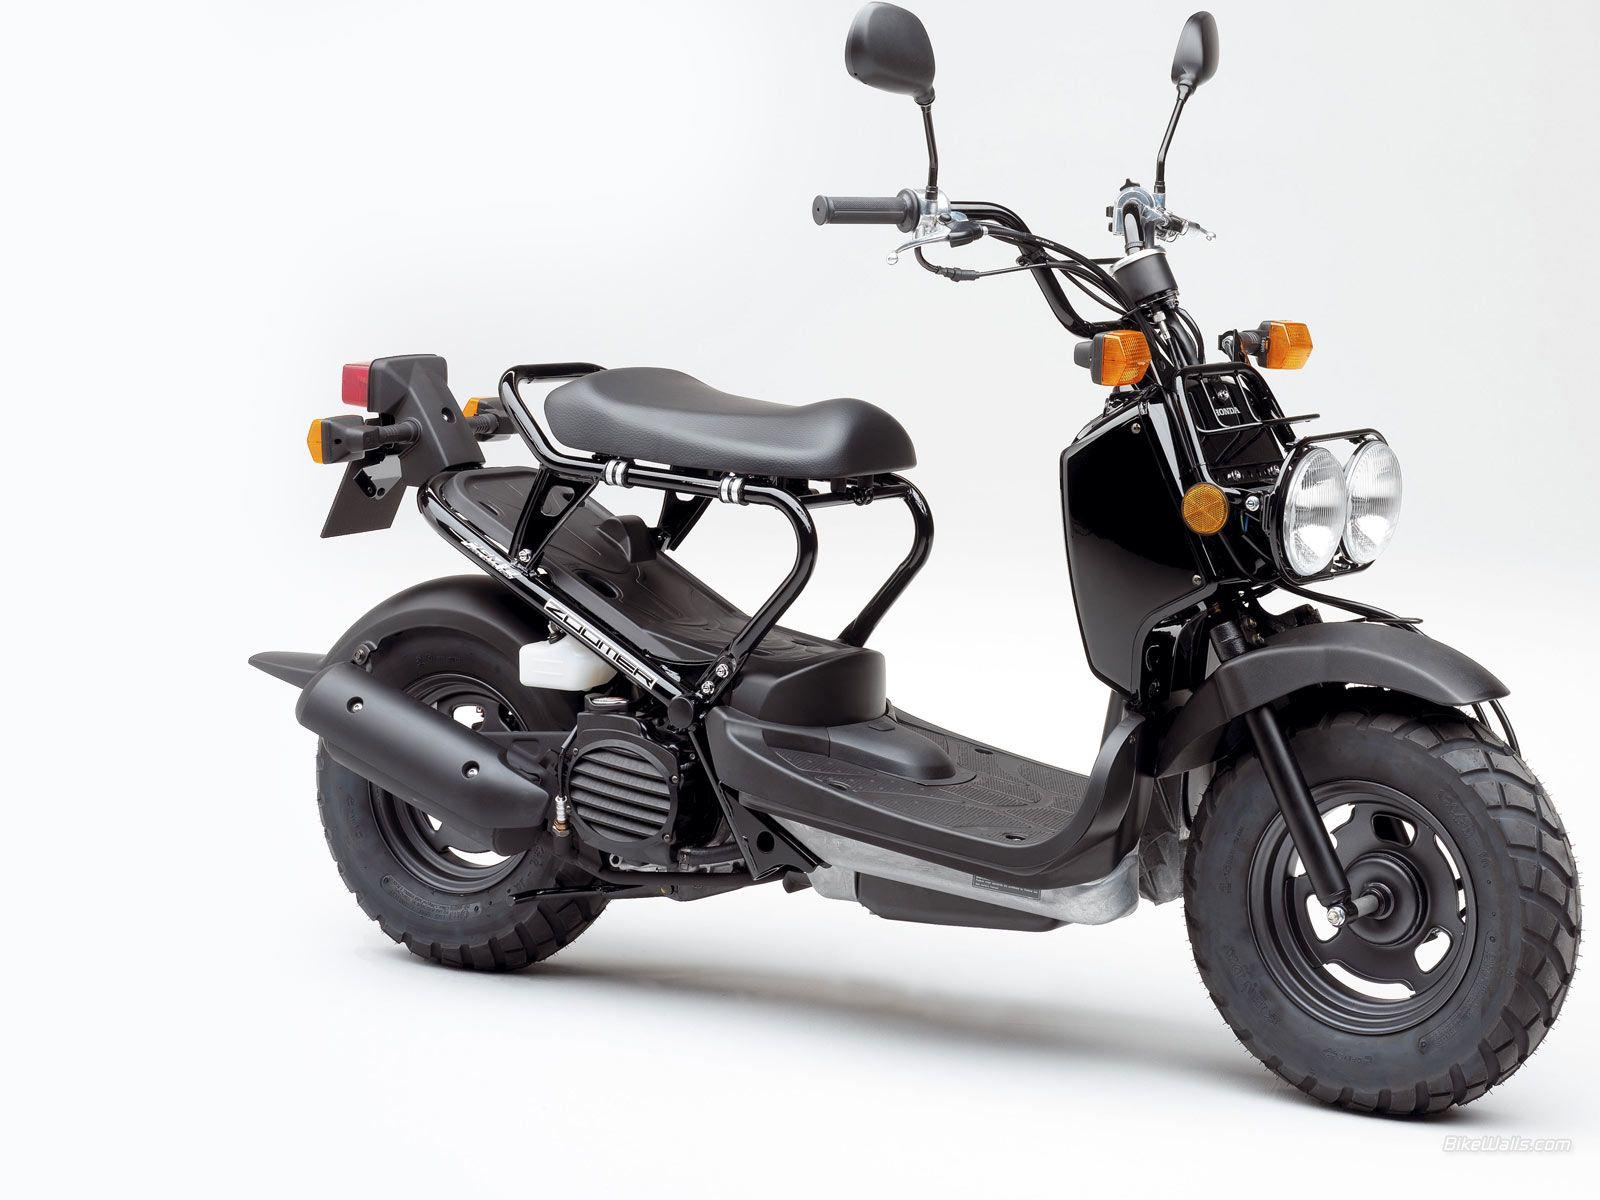 Honda Zoomer 1600x1200 C33 Jpg 1600 1200 Honda Ruckus Honda